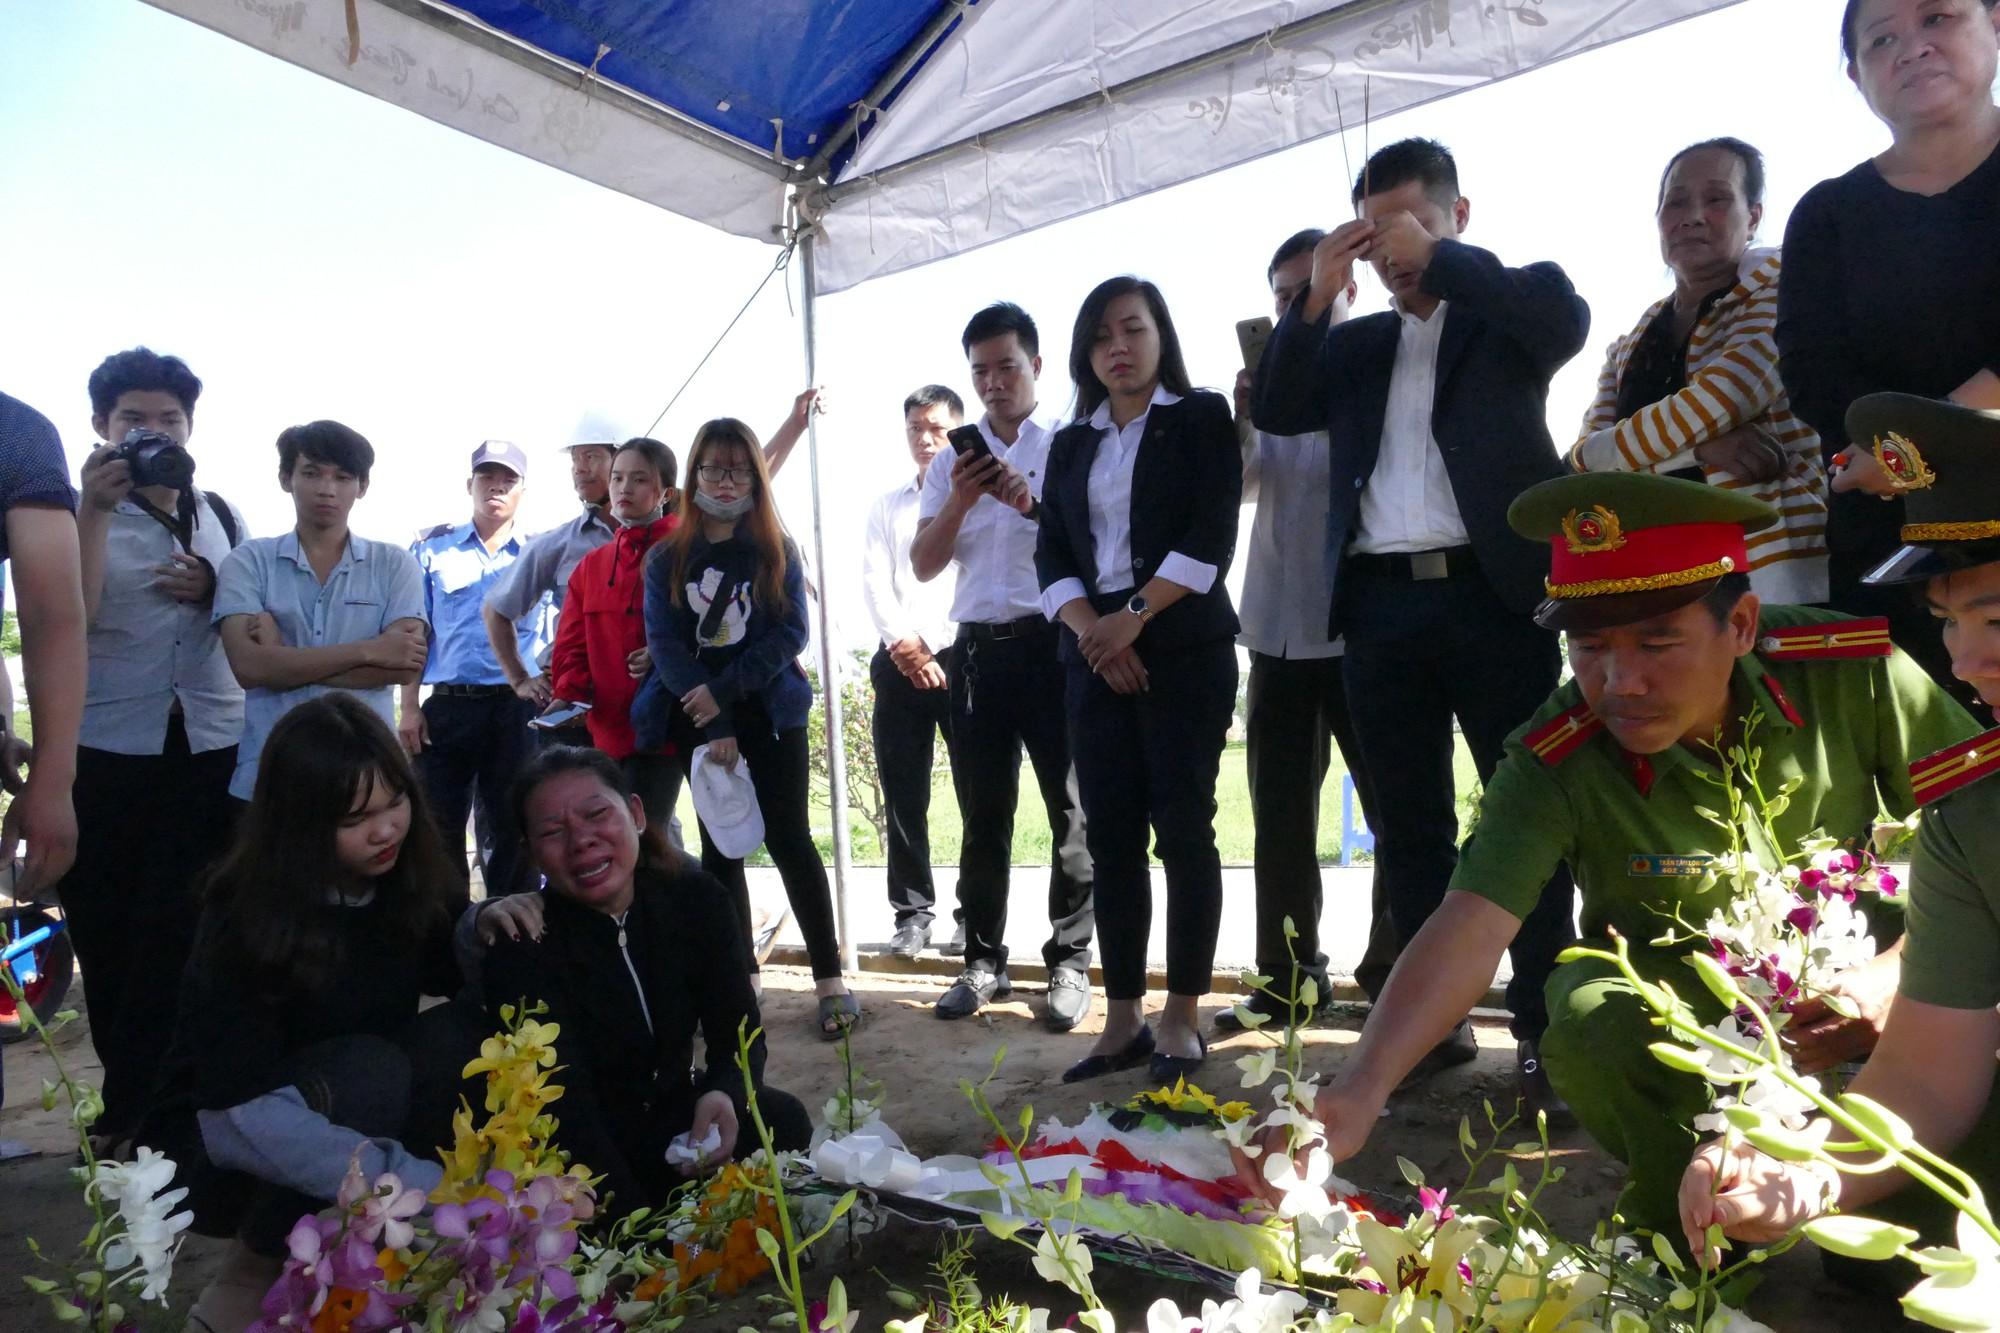 Người vợ chưa kịp mặc áo cưới của hiệp sĩ bị đâm tử vong ở Sài Gòn khóc nghẹn trong lễ tang chồng  - Ảnh 11.